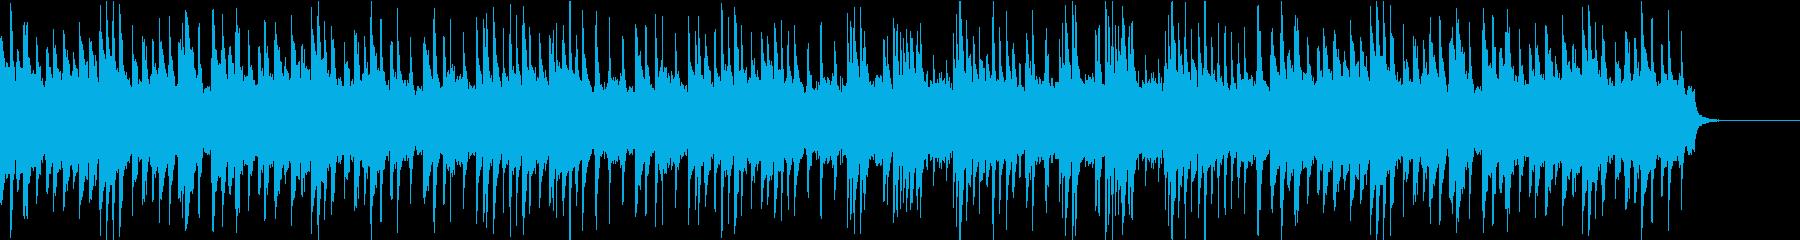 決意のポストリュードの再生済みの波形